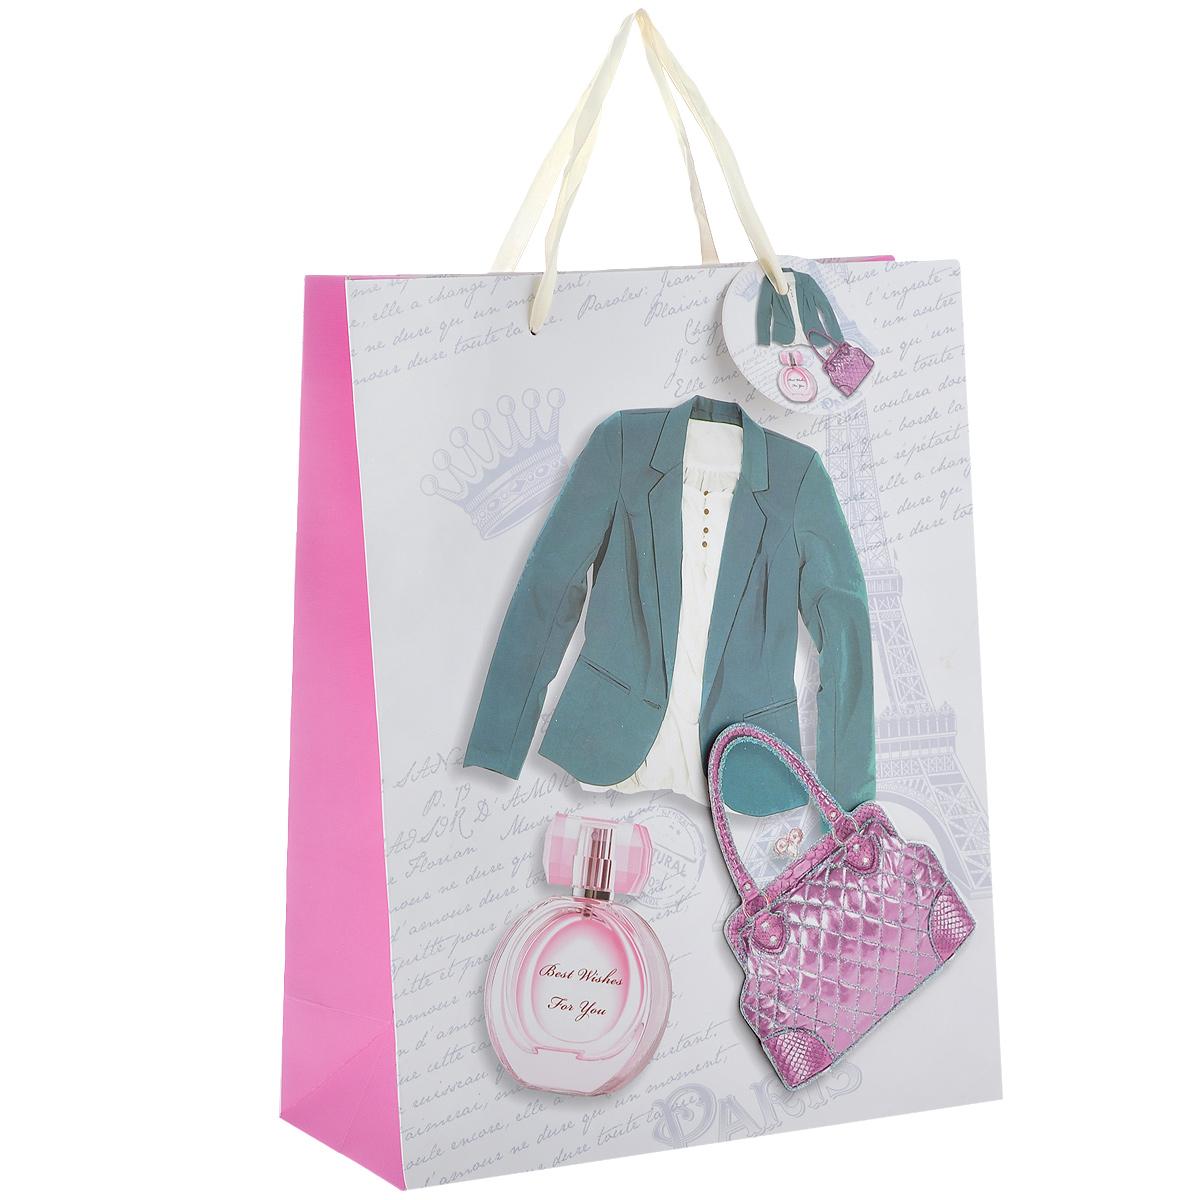 Пакет подарочный Дамский стиль, 26 х 10 х 32 см1022-SB Пакет Дамский стильДизайнерский подарочный пакет Дамский стиль выполнен из плотной бумаги, оформлен изображением зеленого пиджака, парфюма и аппликацией в виде розовой сумочки, покрытой сверкающими блестками. Дно изделия укреплено плотным картоном, который позволяет сохранить форму пакета и исключает возможность деформации дна под тяжестью подарка. Для удобной переноски имеются две атласные ручки. Подарок, преподнесенный в оригинальной упаковке, всегда будет самым эффектным и запоминающимся. Окружите близких людей вниманием и заботой, вручив презент в нарядном праздничном оформлении.